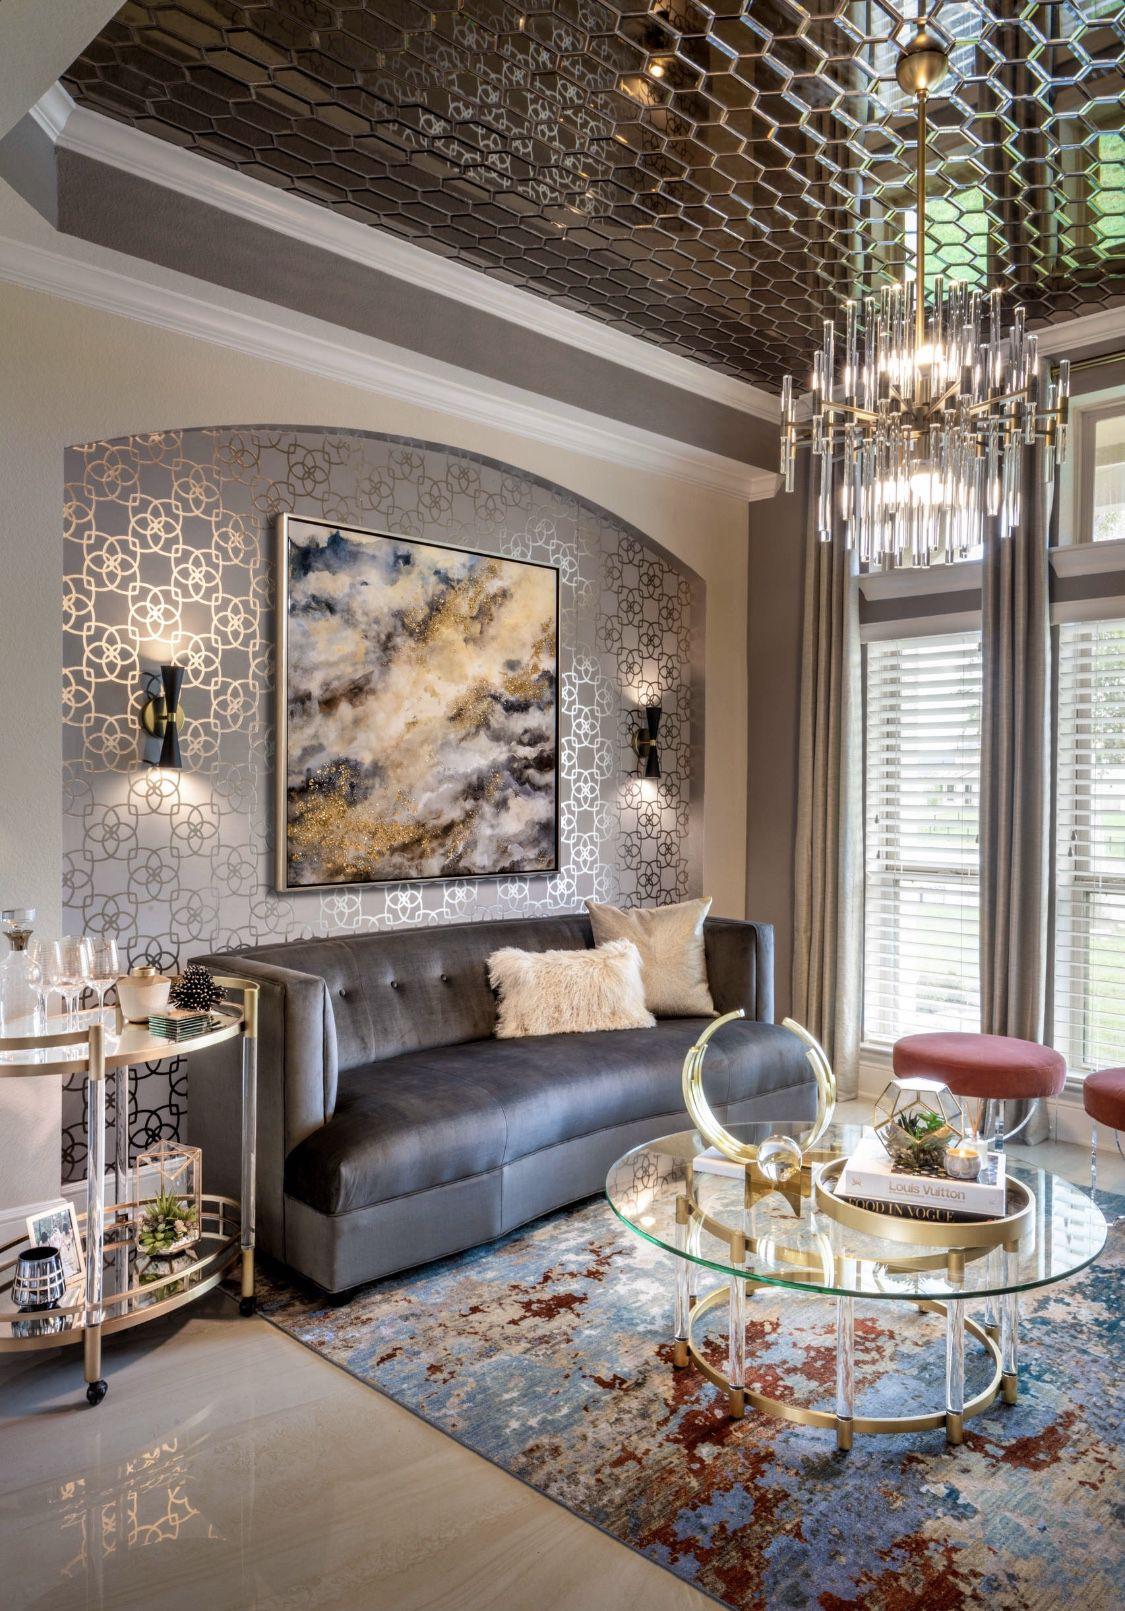 Art Deco Living Room Design Ideas: Art Deco Decor, Curved Sofa, #homedecor #livingroom